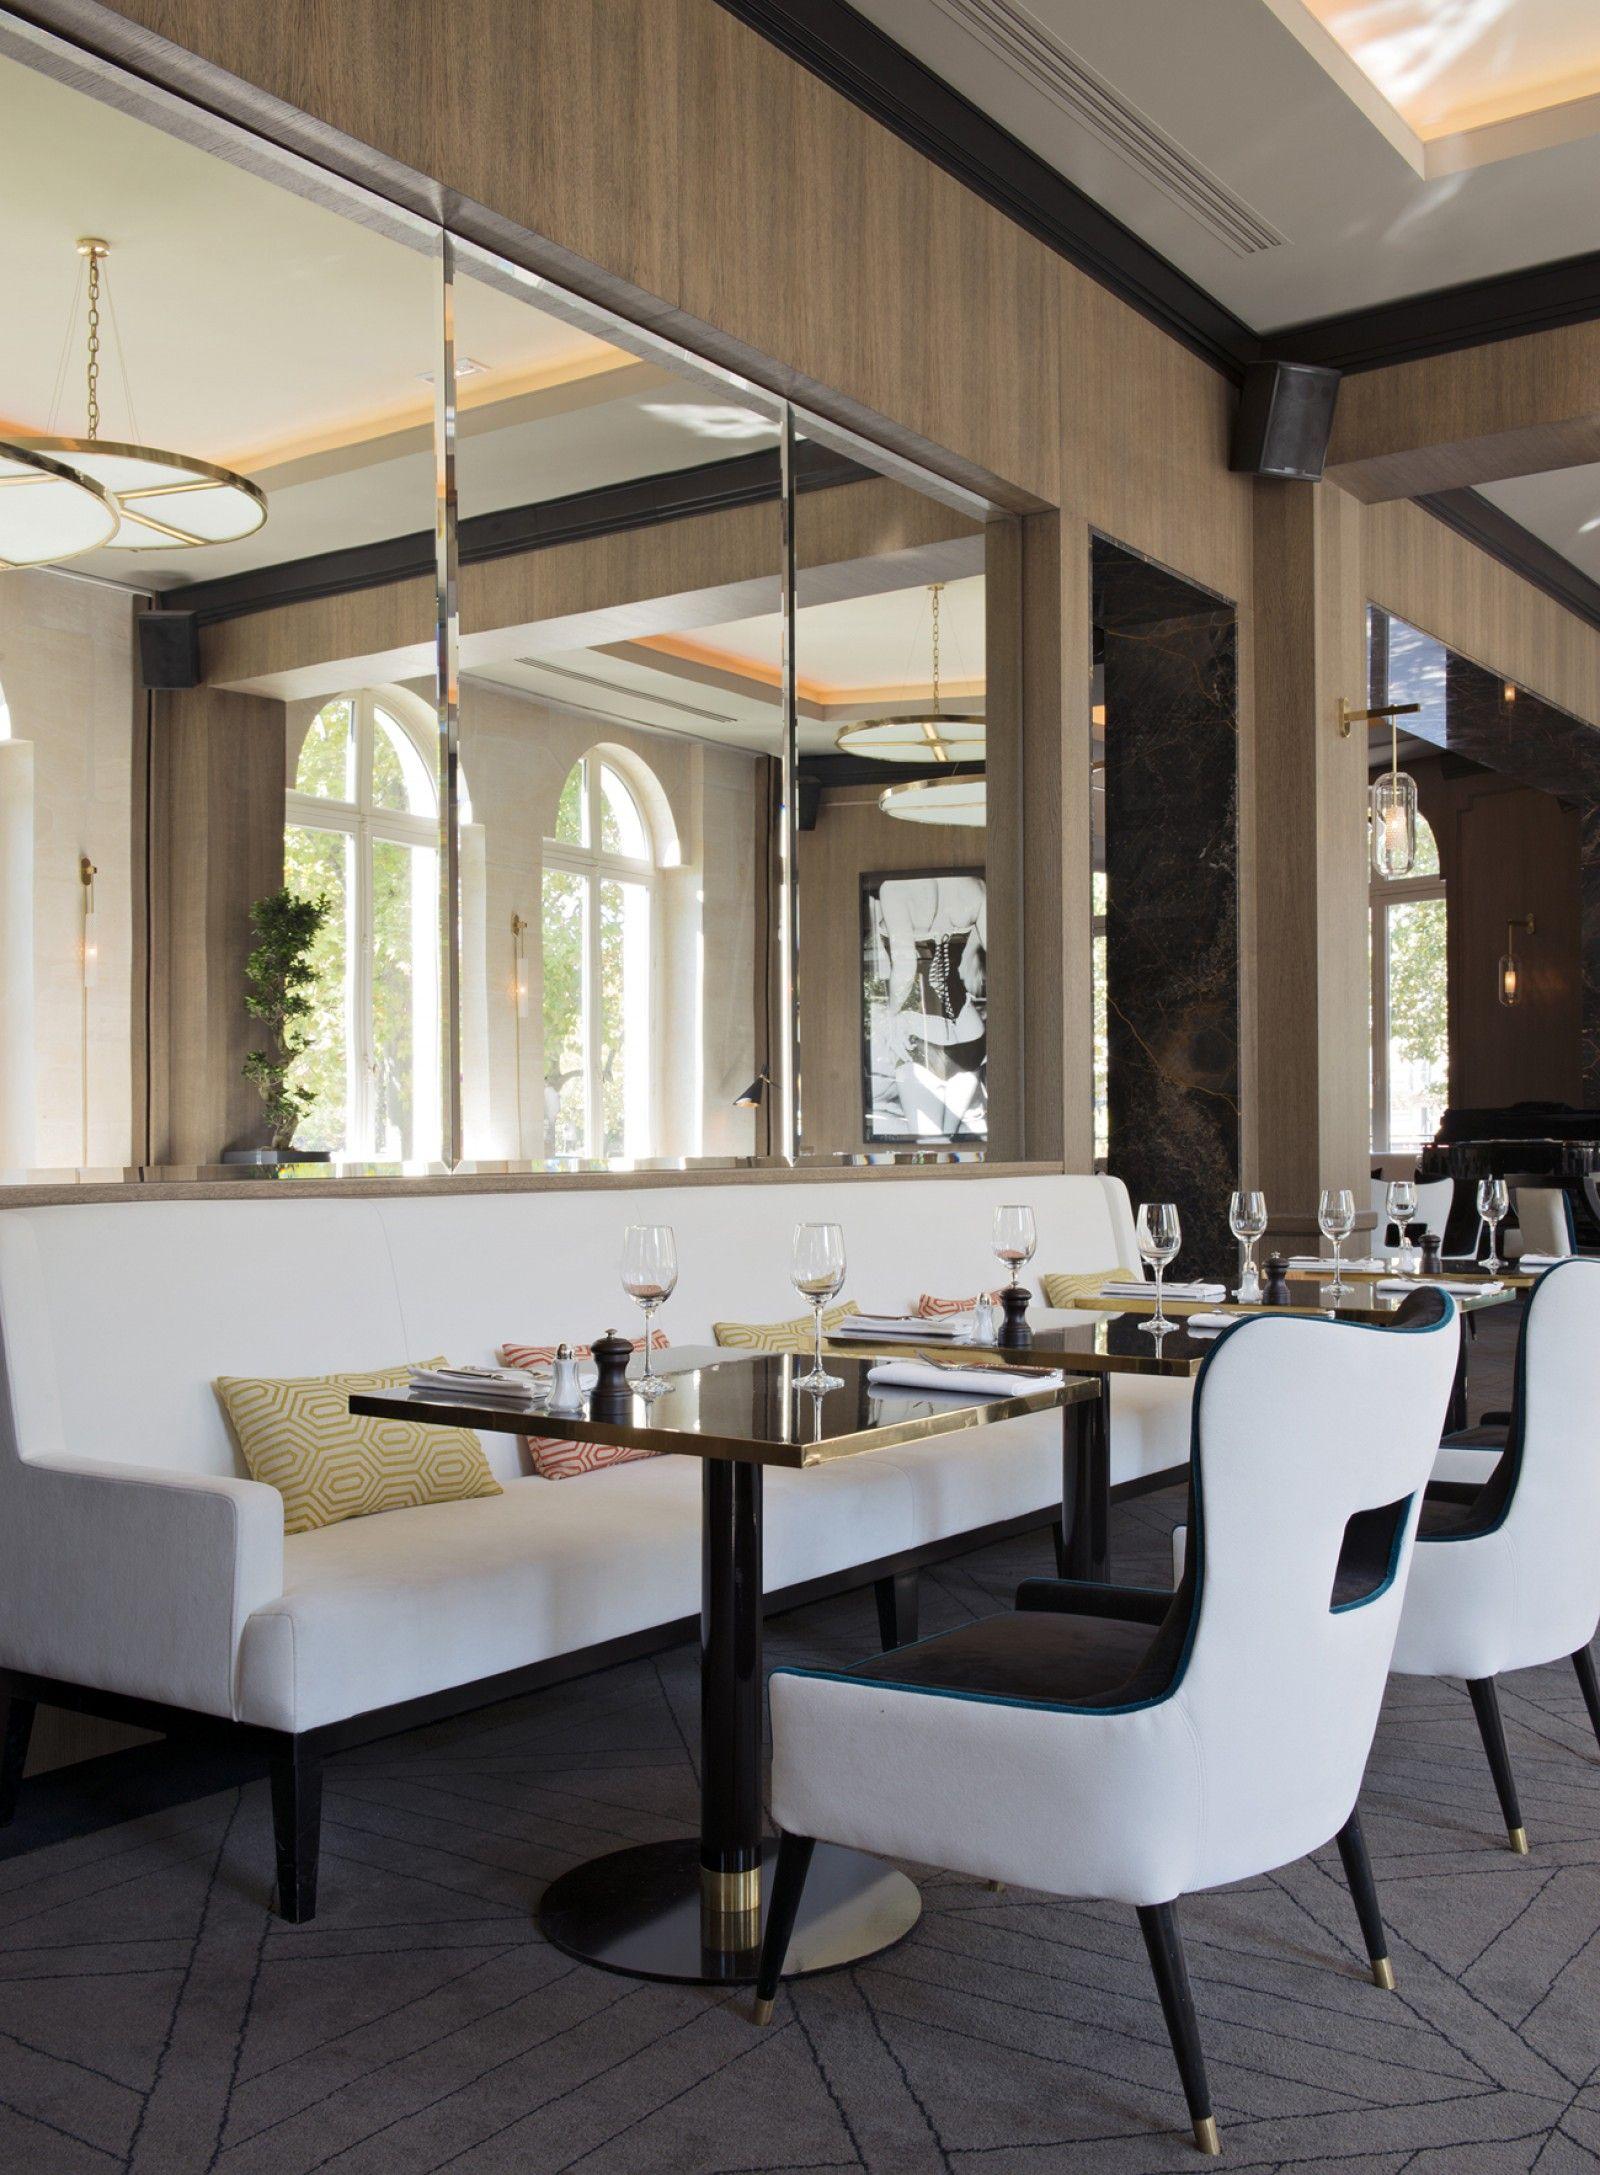 Epingle Sur F B Bars Rest Cafes